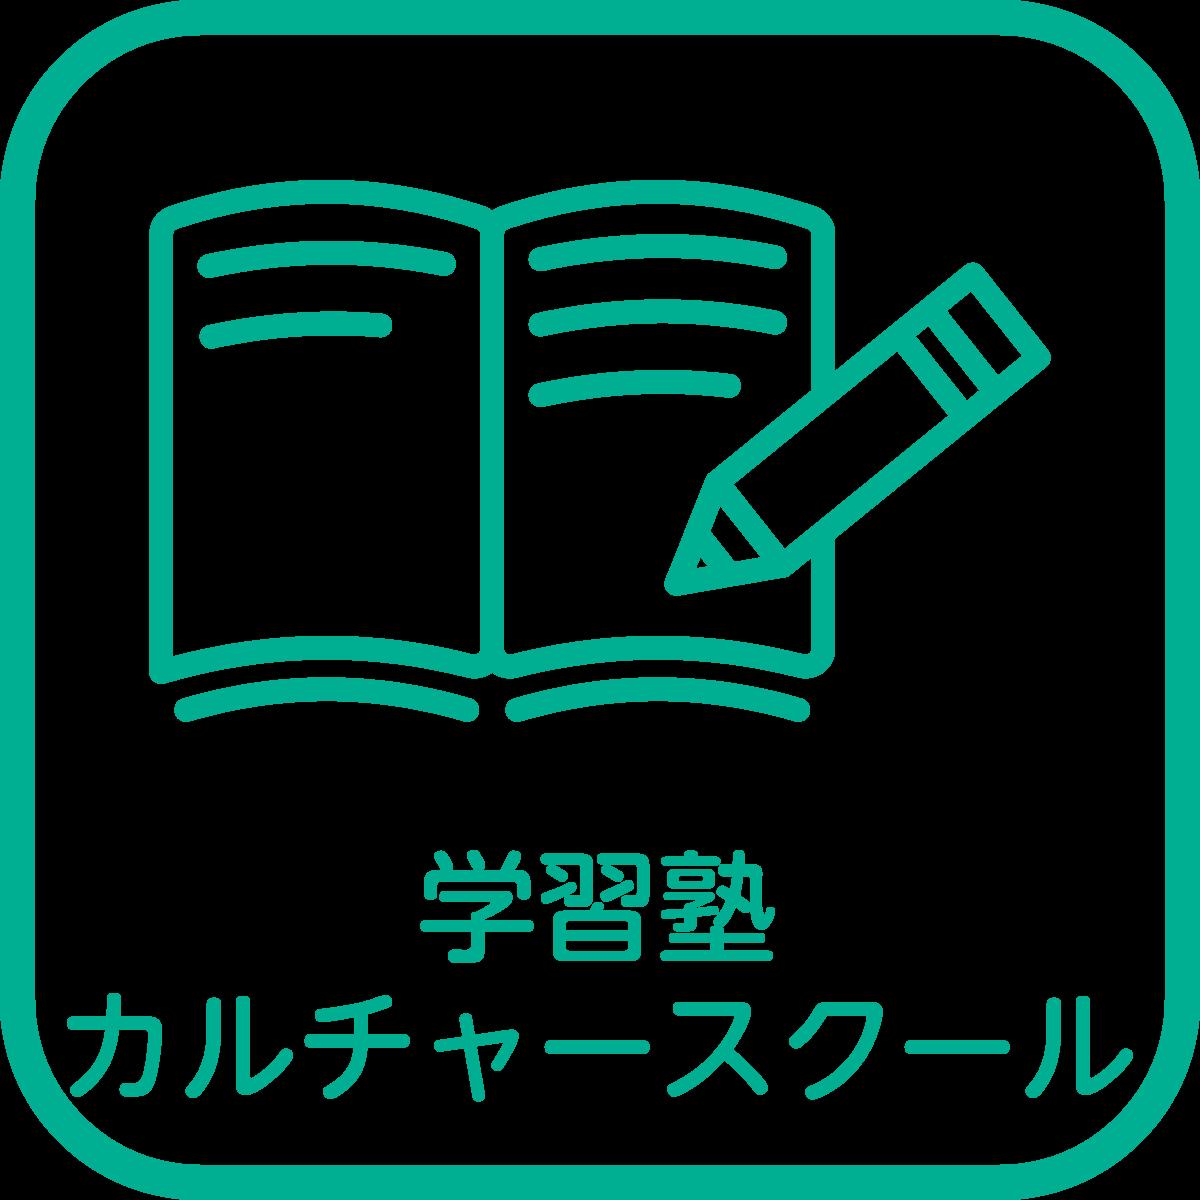 学習塾・カルチャースクール